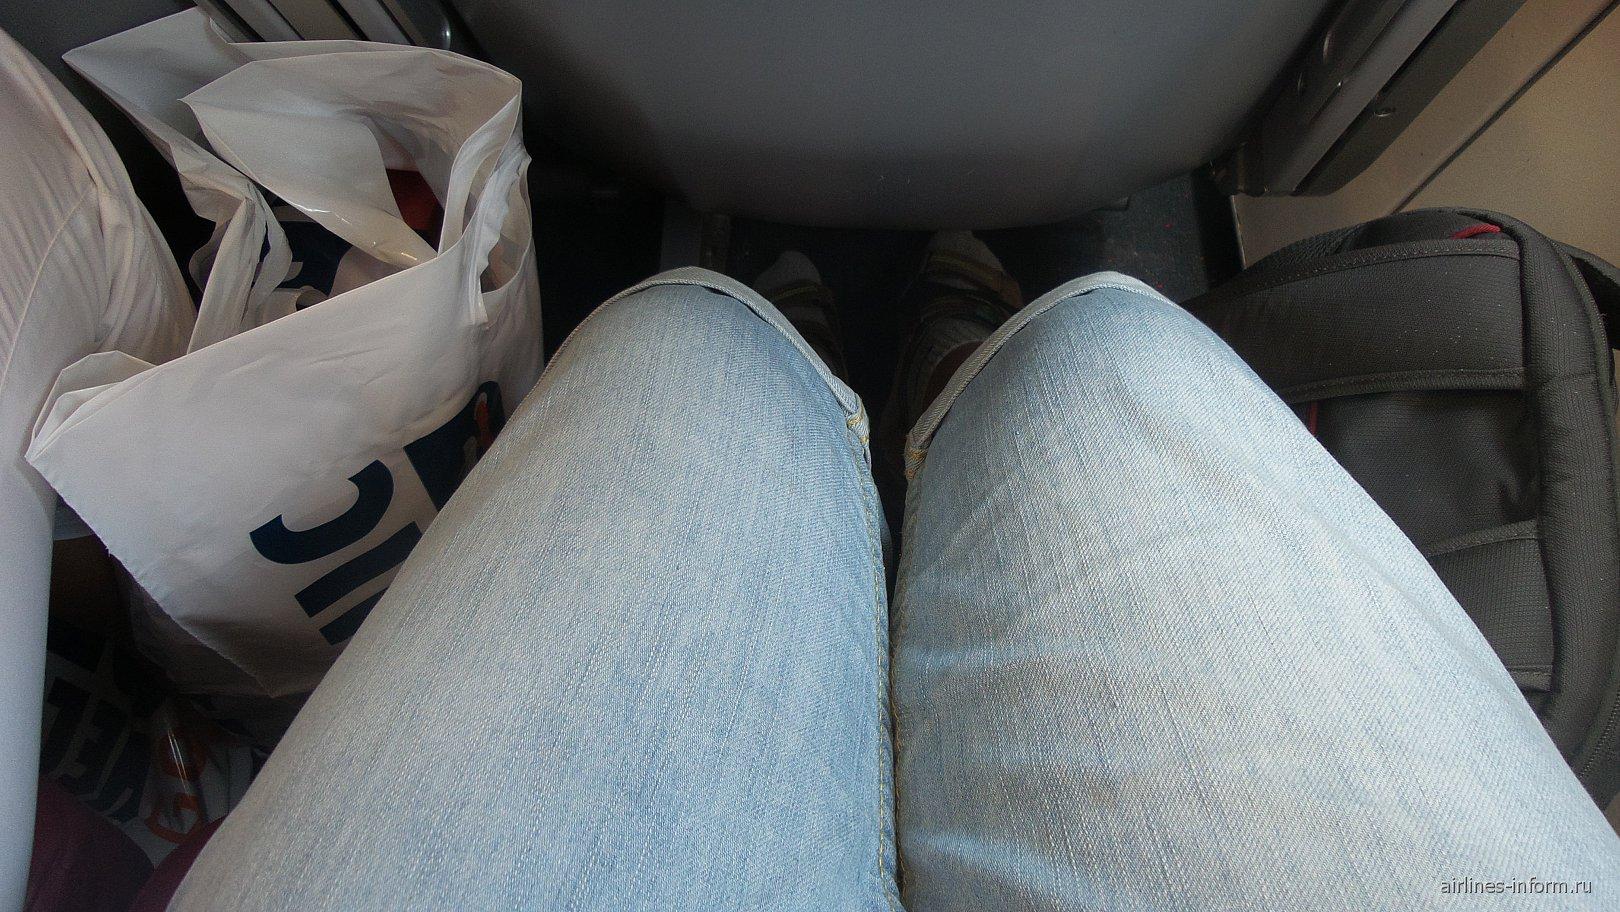 Места для ног достаточно,сидеть удобно.